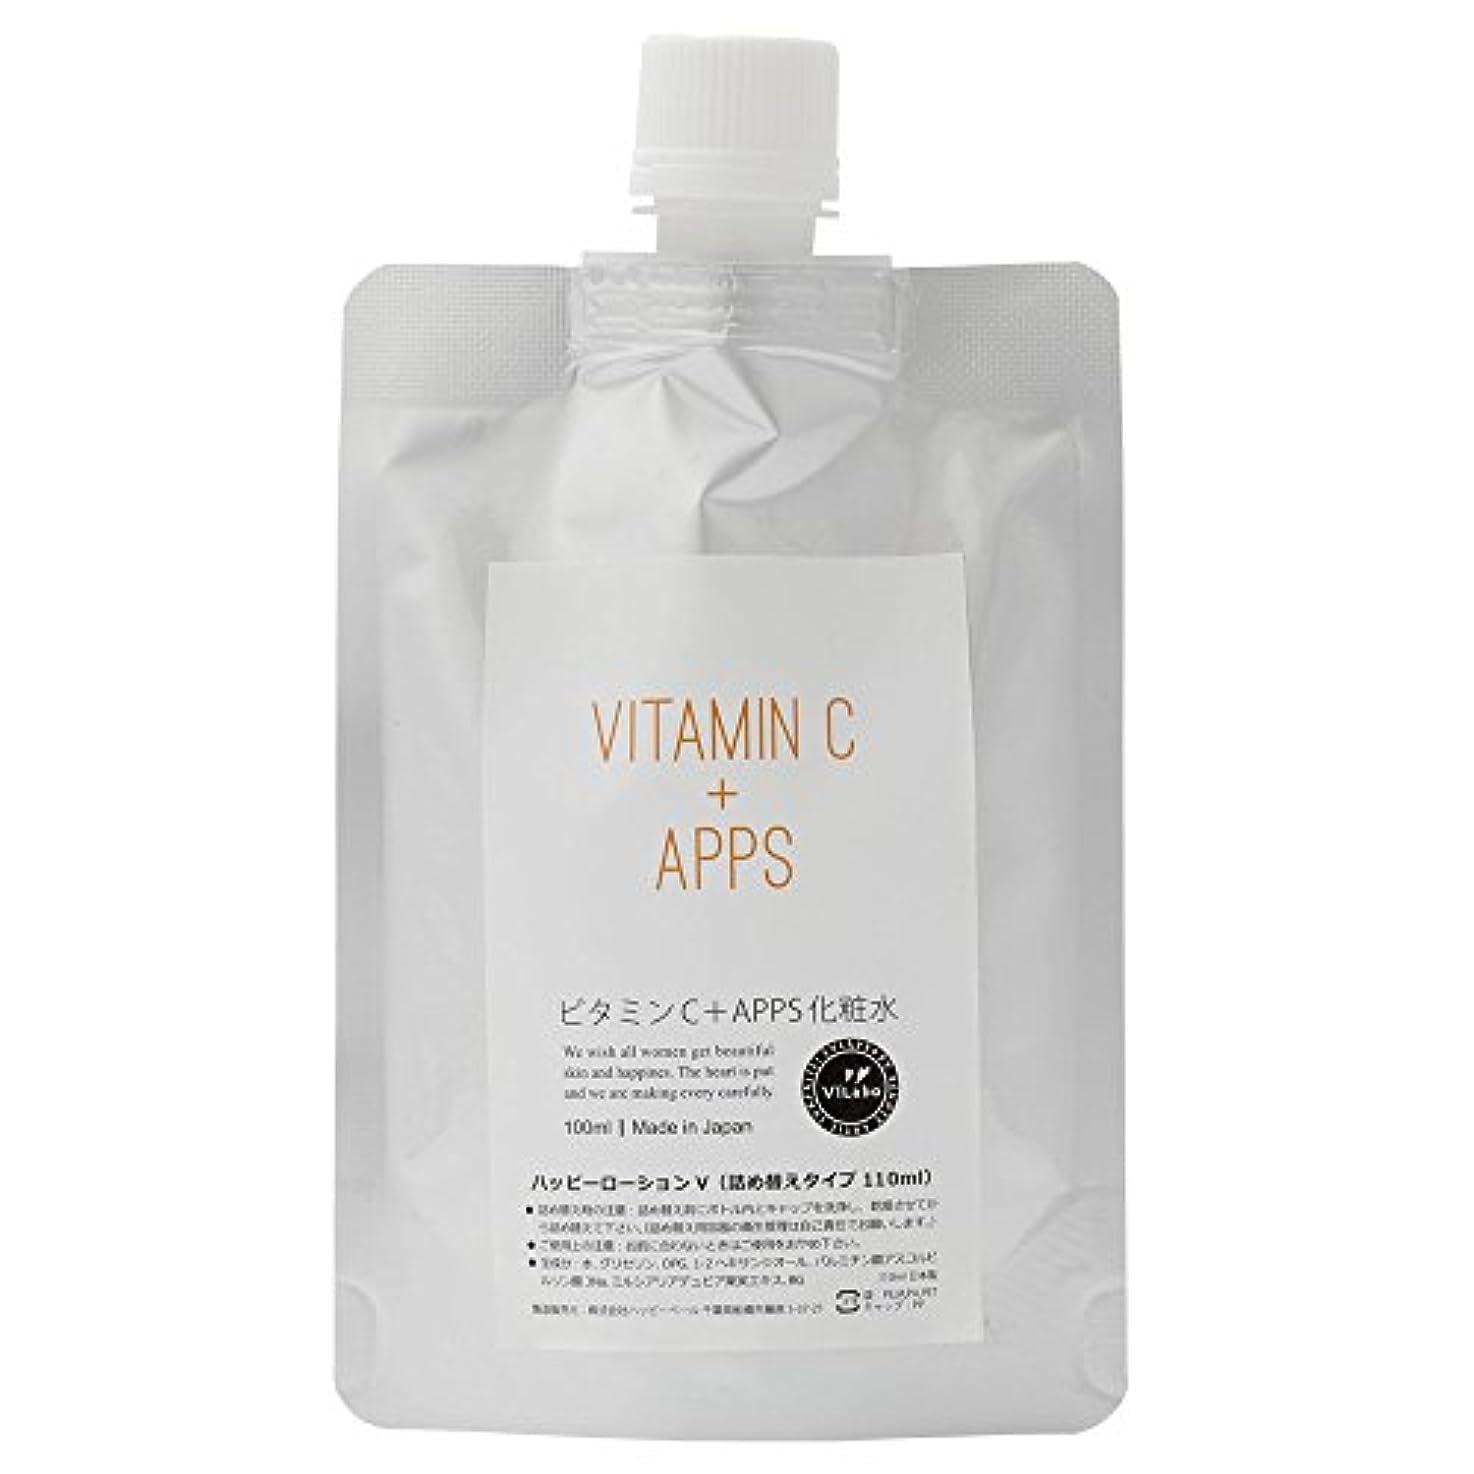 道を作るいいね悲惨ViLabo APPS+天然ビタミンC化粧水 (販売名:ハッピーローションV)110ml 詰め替え用パウチ